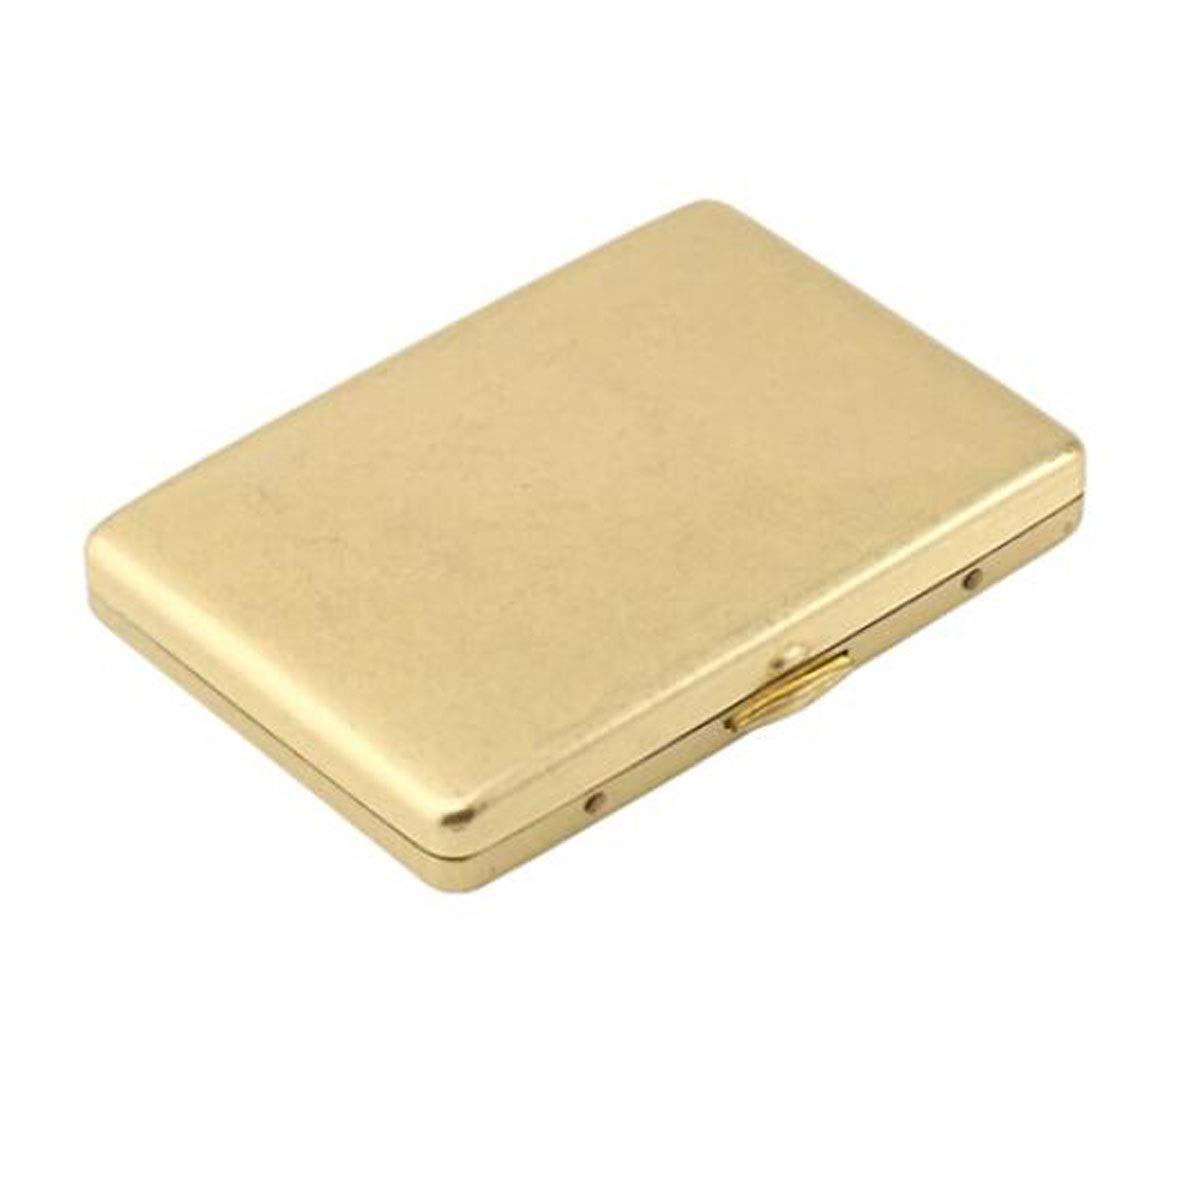 KALMAR Cigarette Case 20 Sticks, Fine Cigarette Case, Portable Simple Retro Cigarette Case Creative Retro Copper, is The Ideal Gift for Smokers, Size 8.76.0 1.3 cm, Gold Cigarette Box Cigar Protect